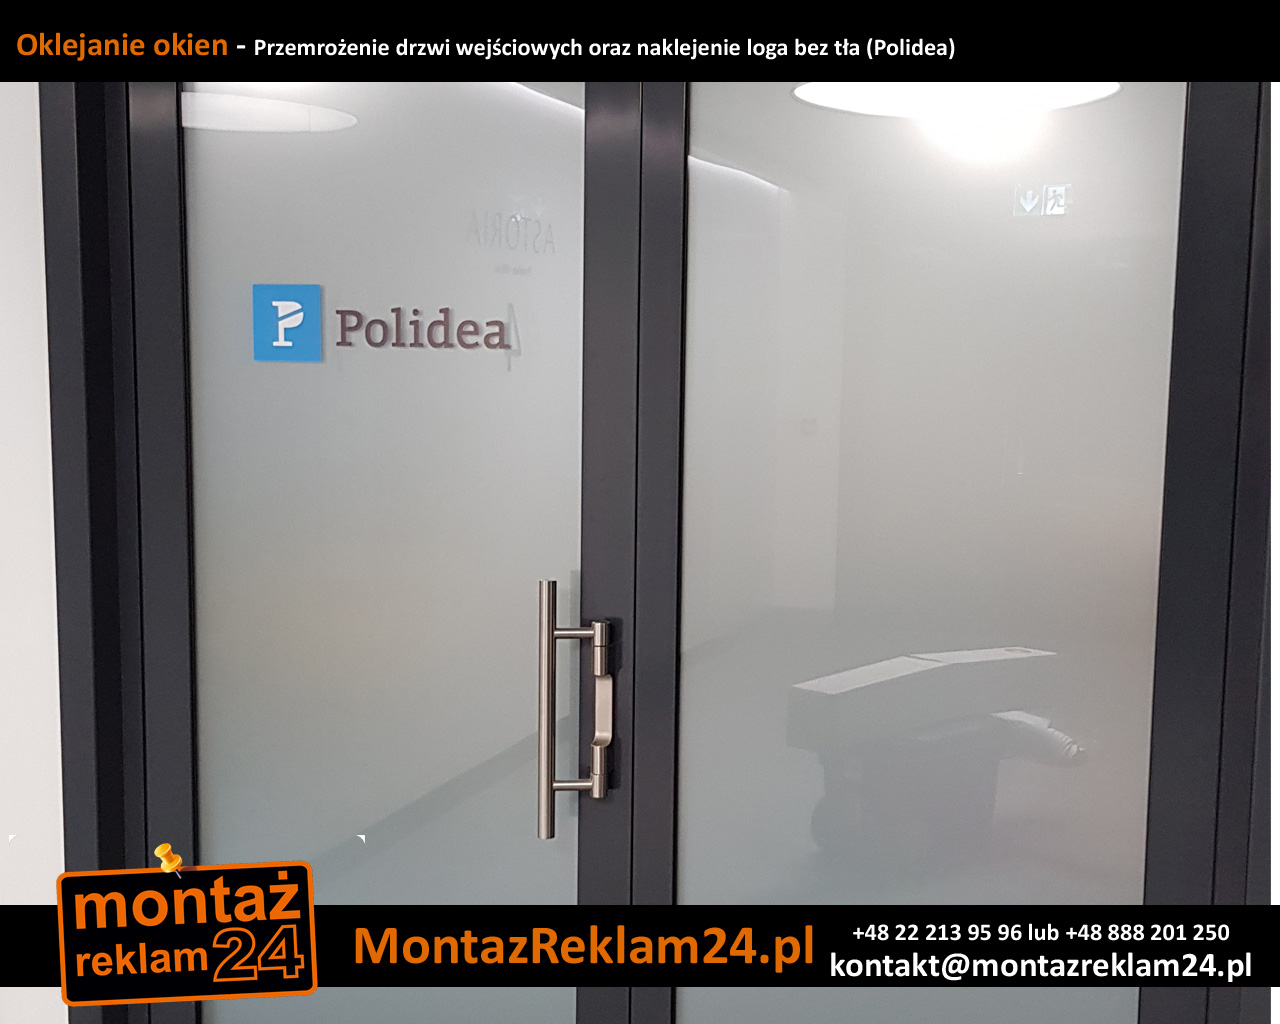 Oklejanie okien - Przemrożenie drzwi wejściowych oraz naklejenie loga bez tła (Polidea).jpg